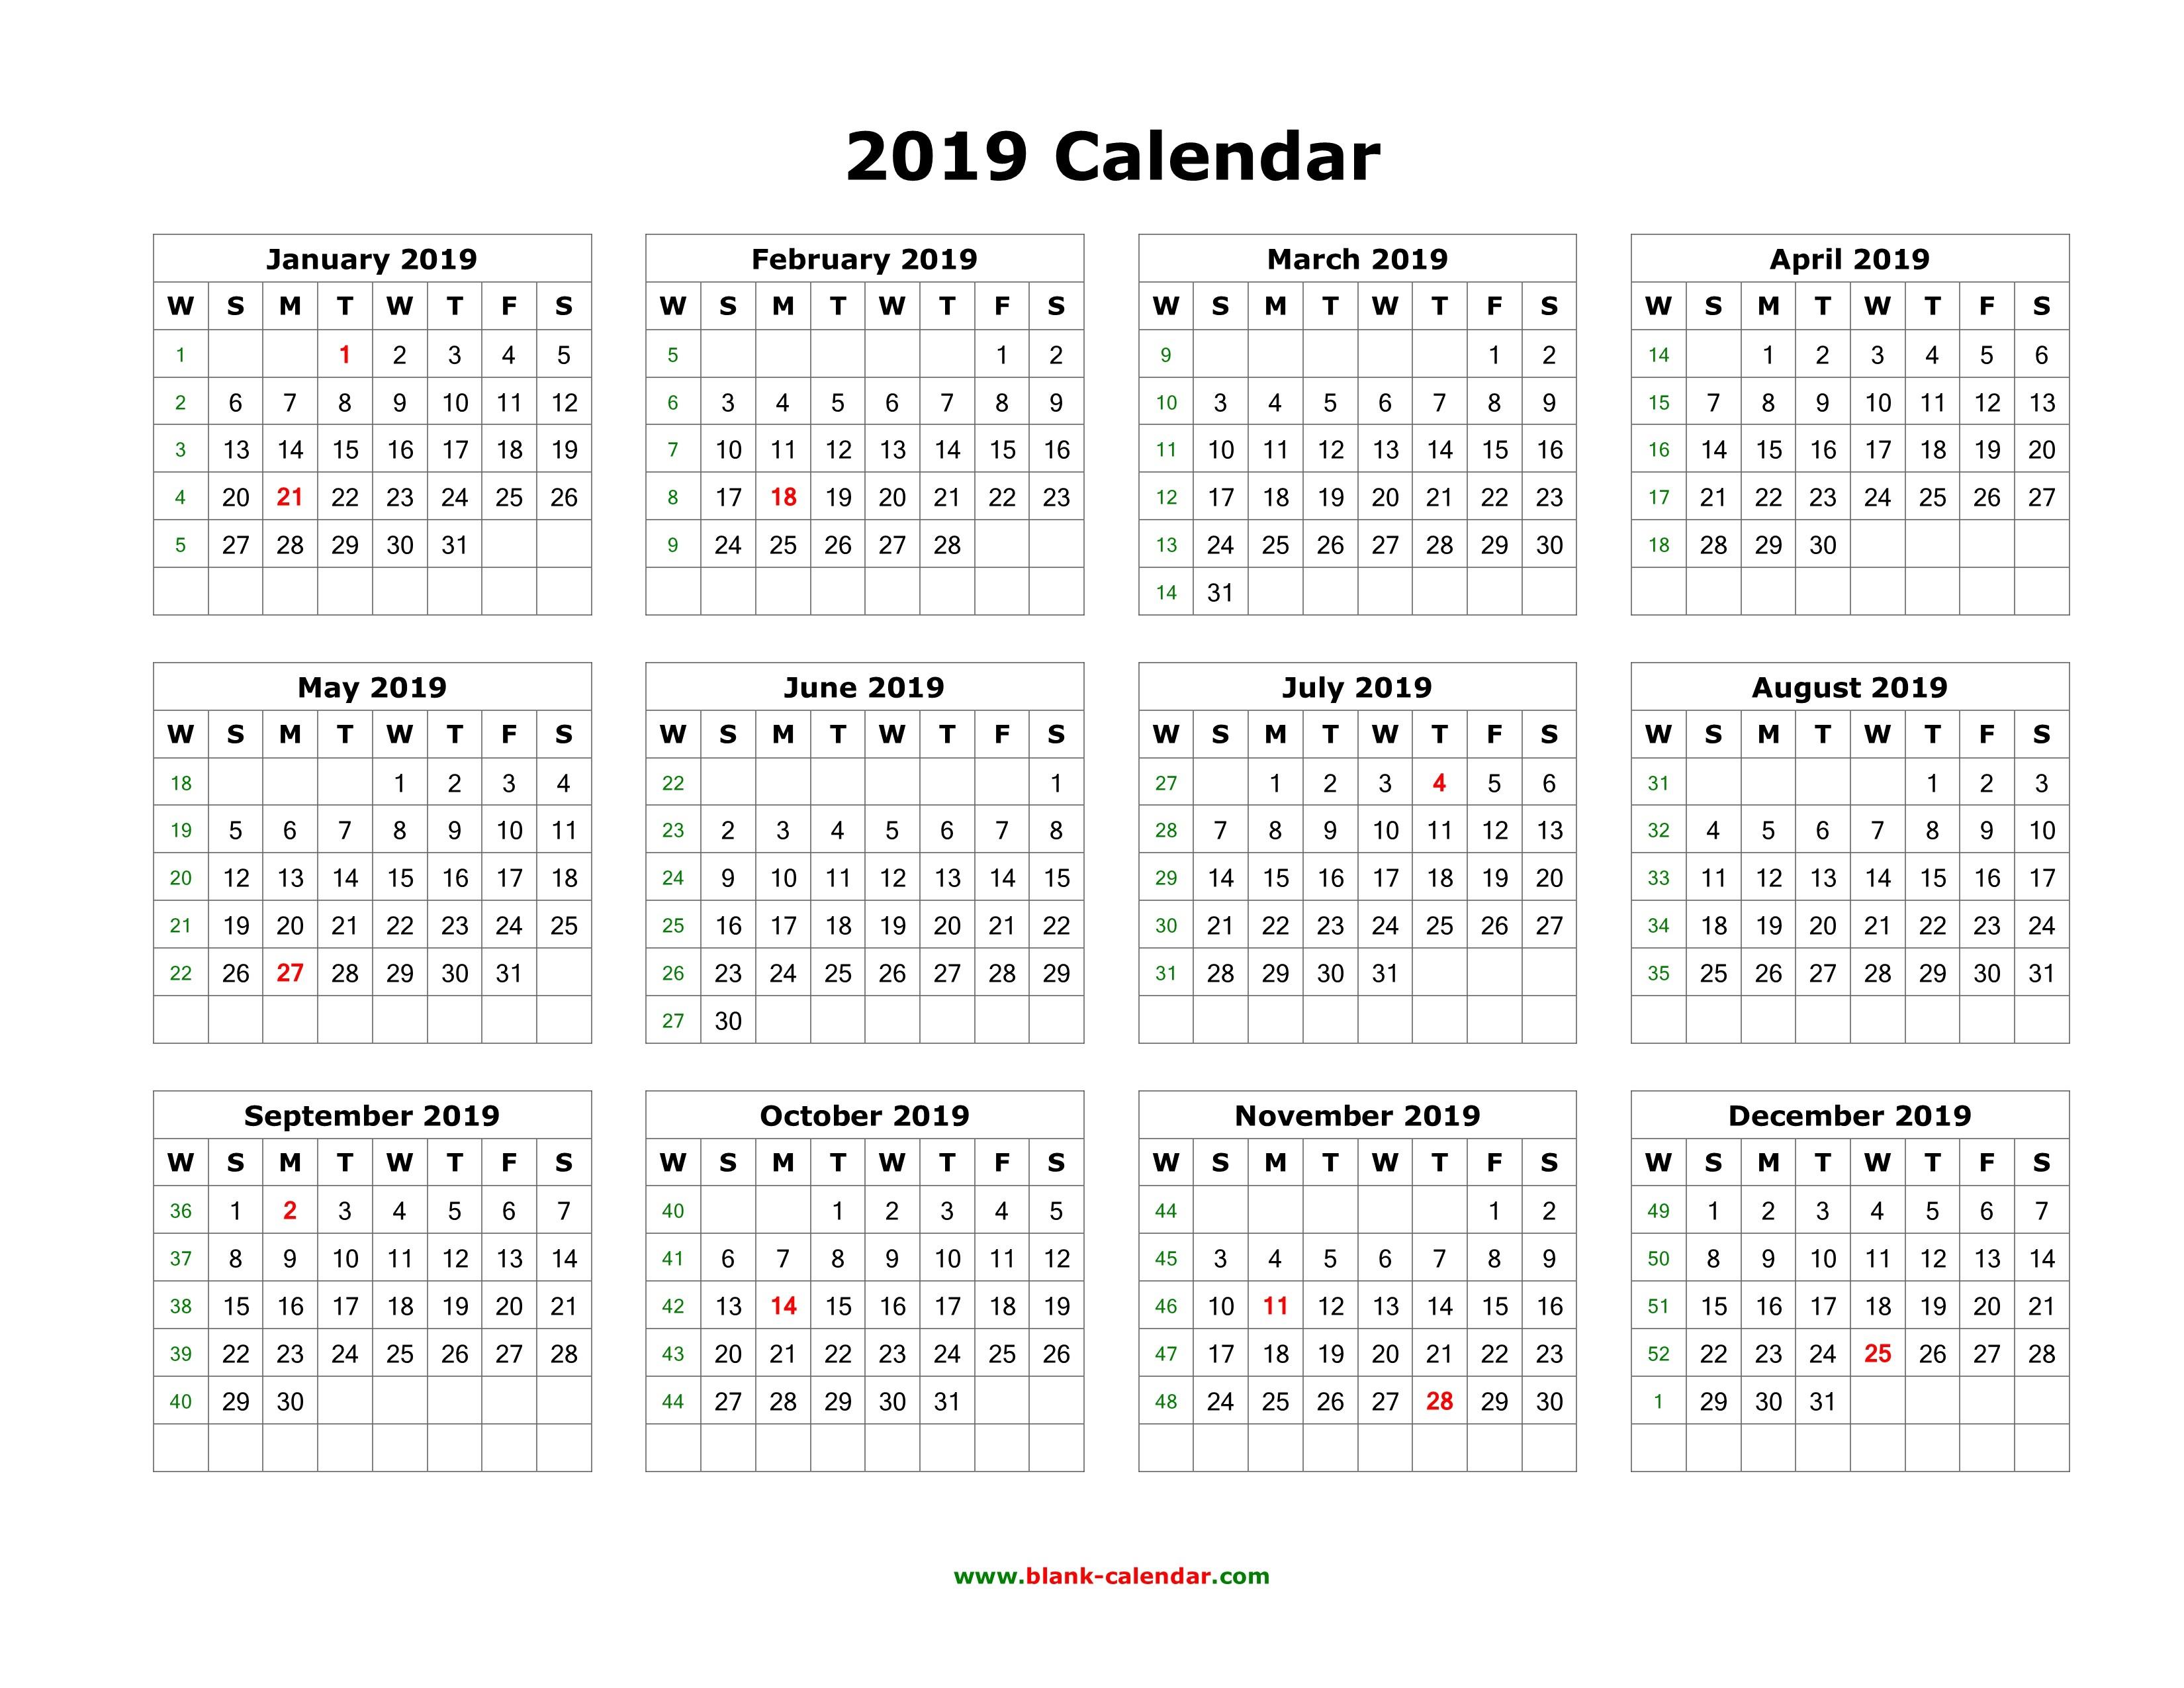 Adobe Calendar Template 2019 Download Blank Calendar 2019 12 Months e Page